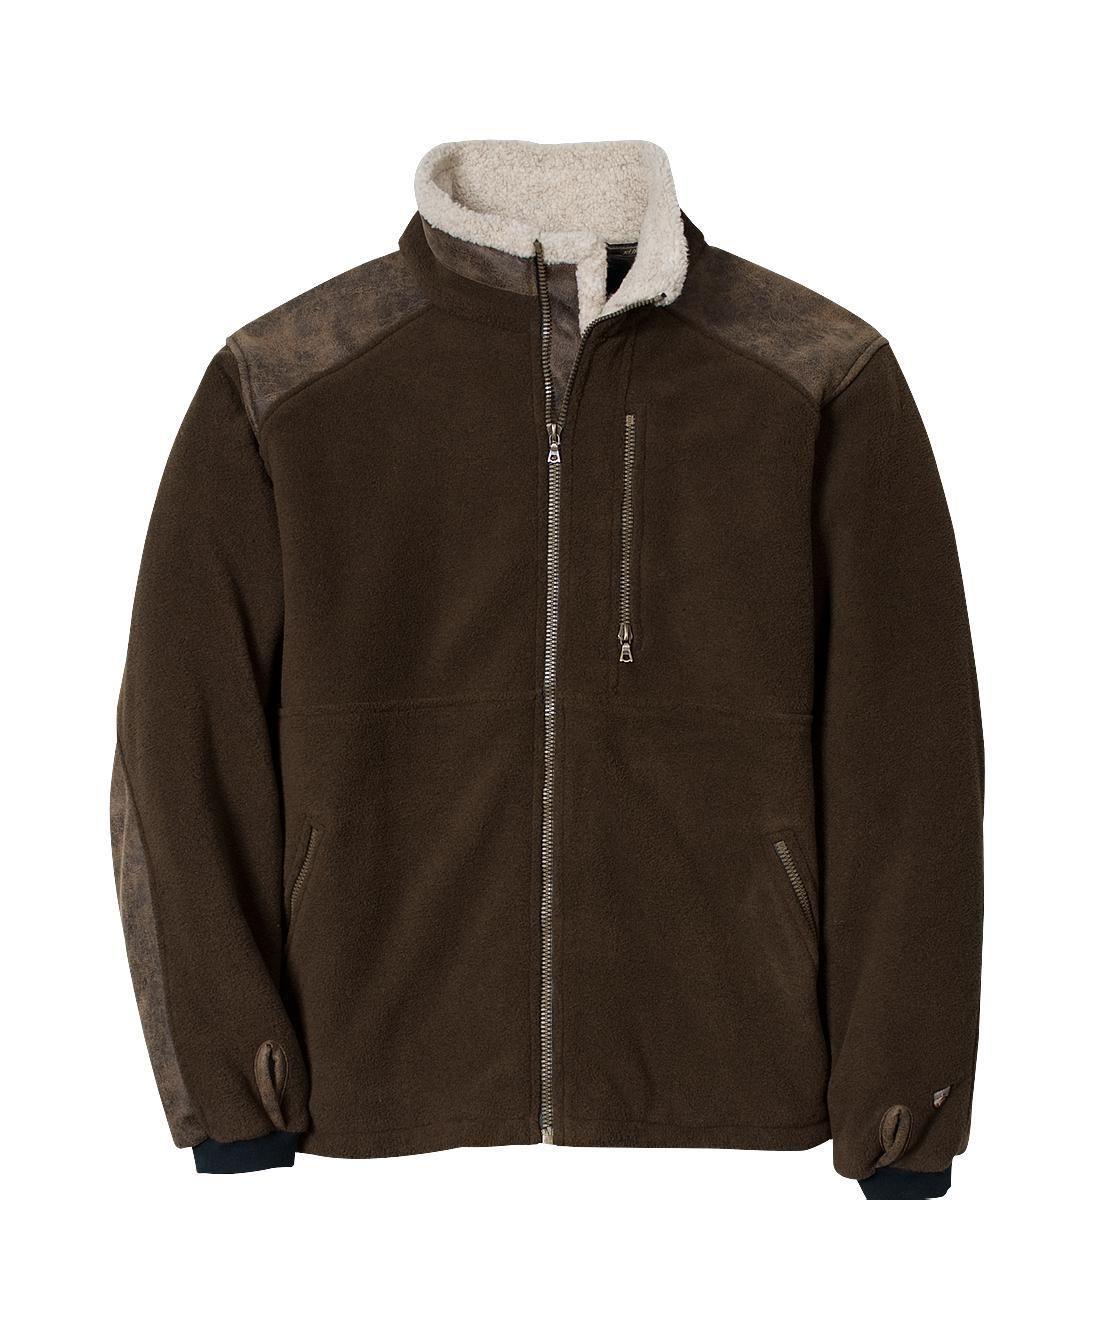 Kuhl alpenwurx jacket menus menus fleece jackets menus jackets